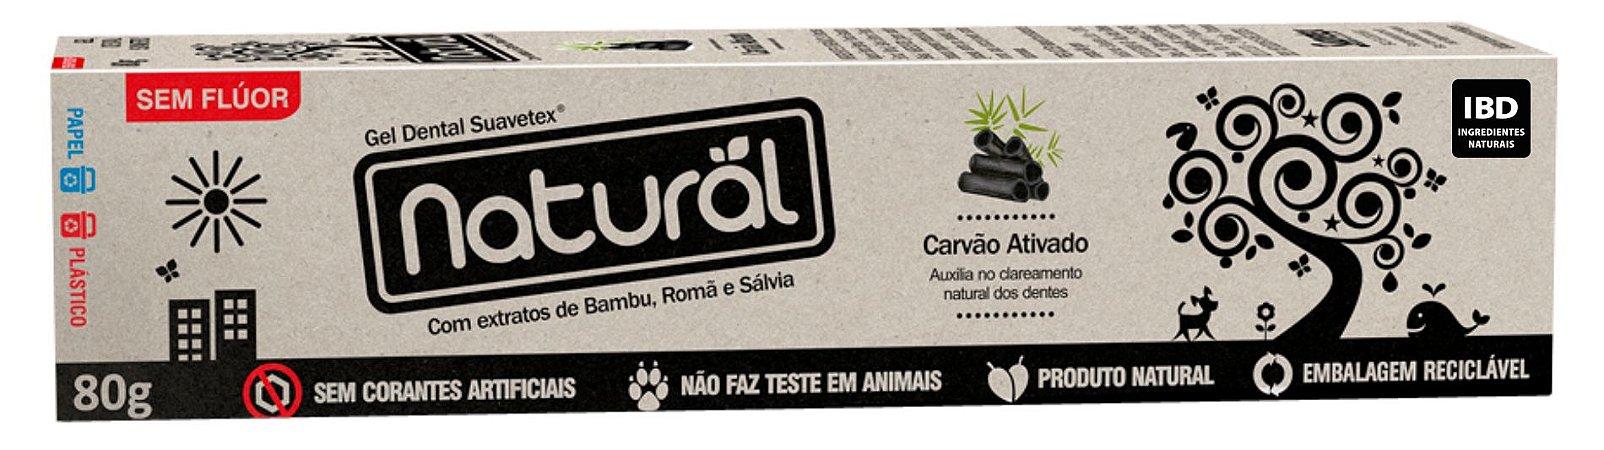 Creme Dental Vegano com Carvão Ativado,extratos de Bambu,Romã e Sálvia 80g. Cruelty-Free, Sem Flúor.